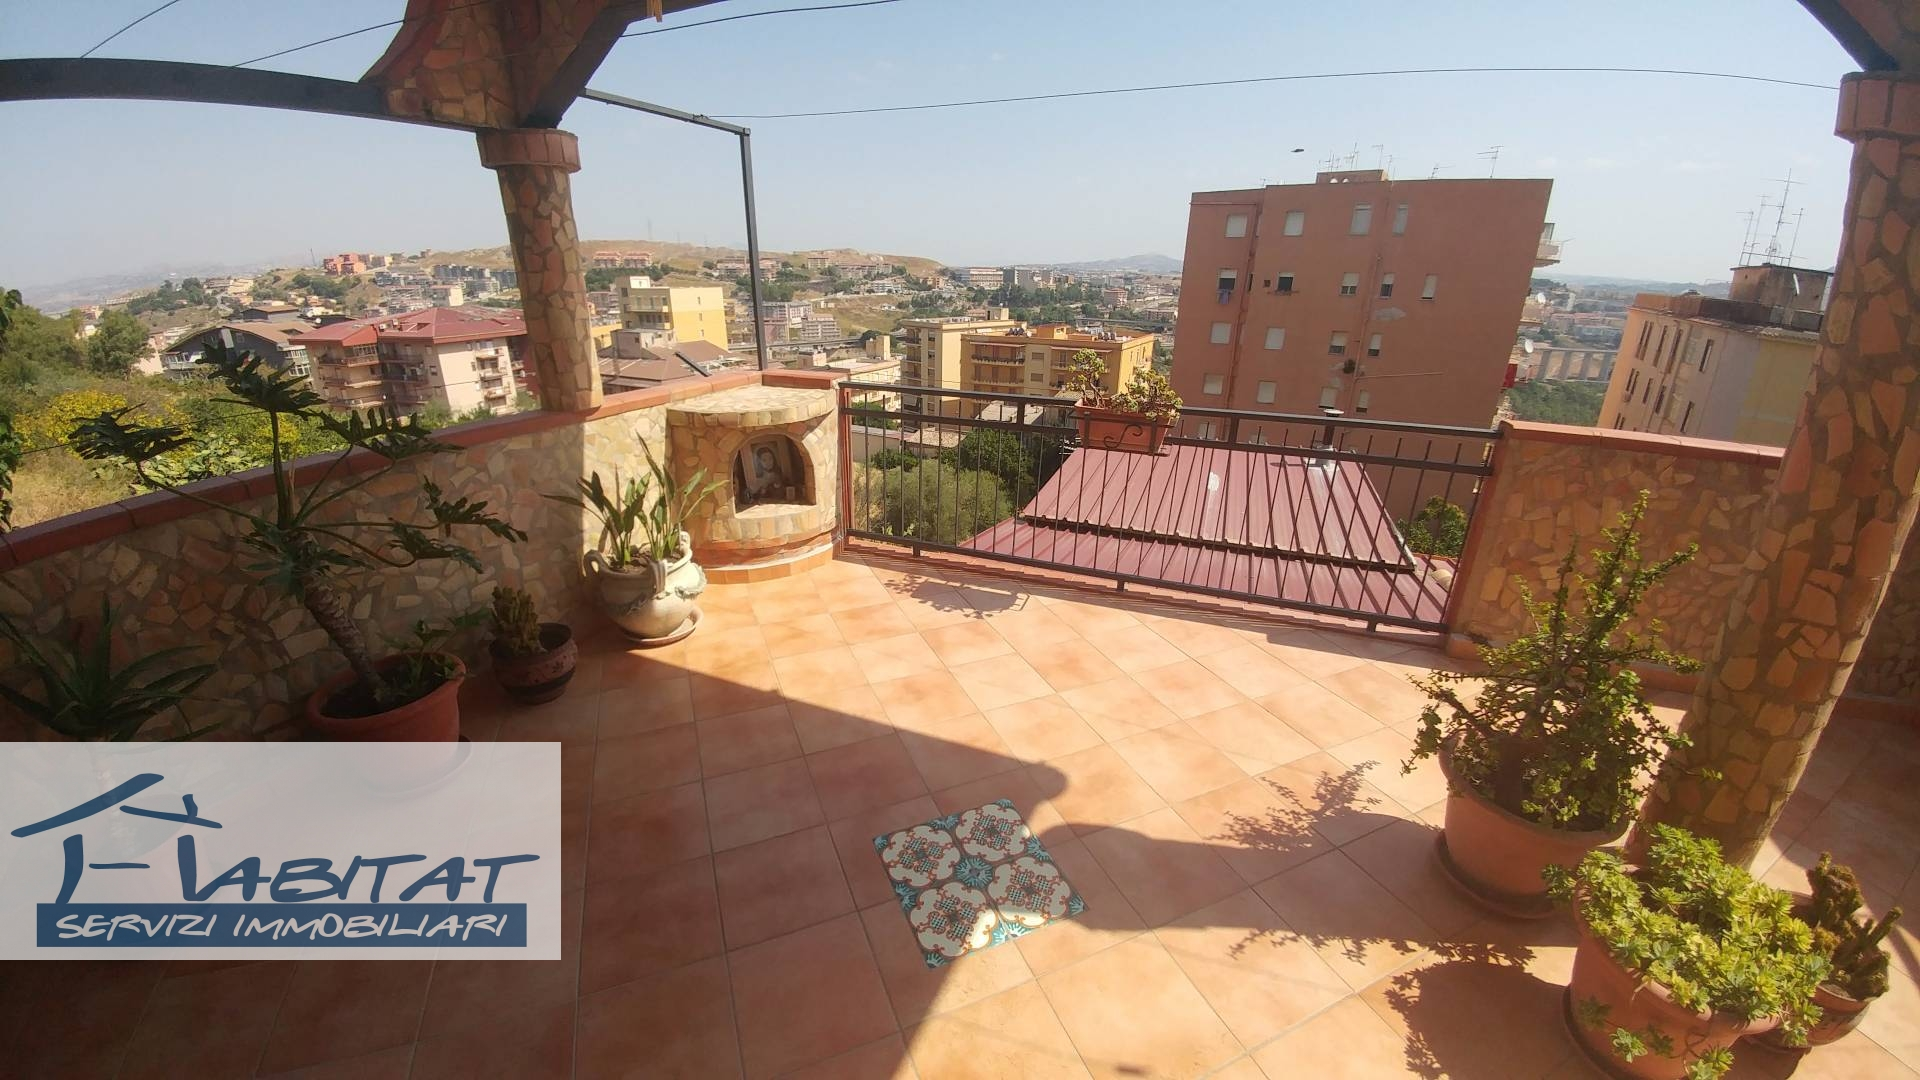 Appartamento in affitto a Agrigento, 3 locali, zona Zona: Centro, prezzo € 65.000 | CambioCasa.it